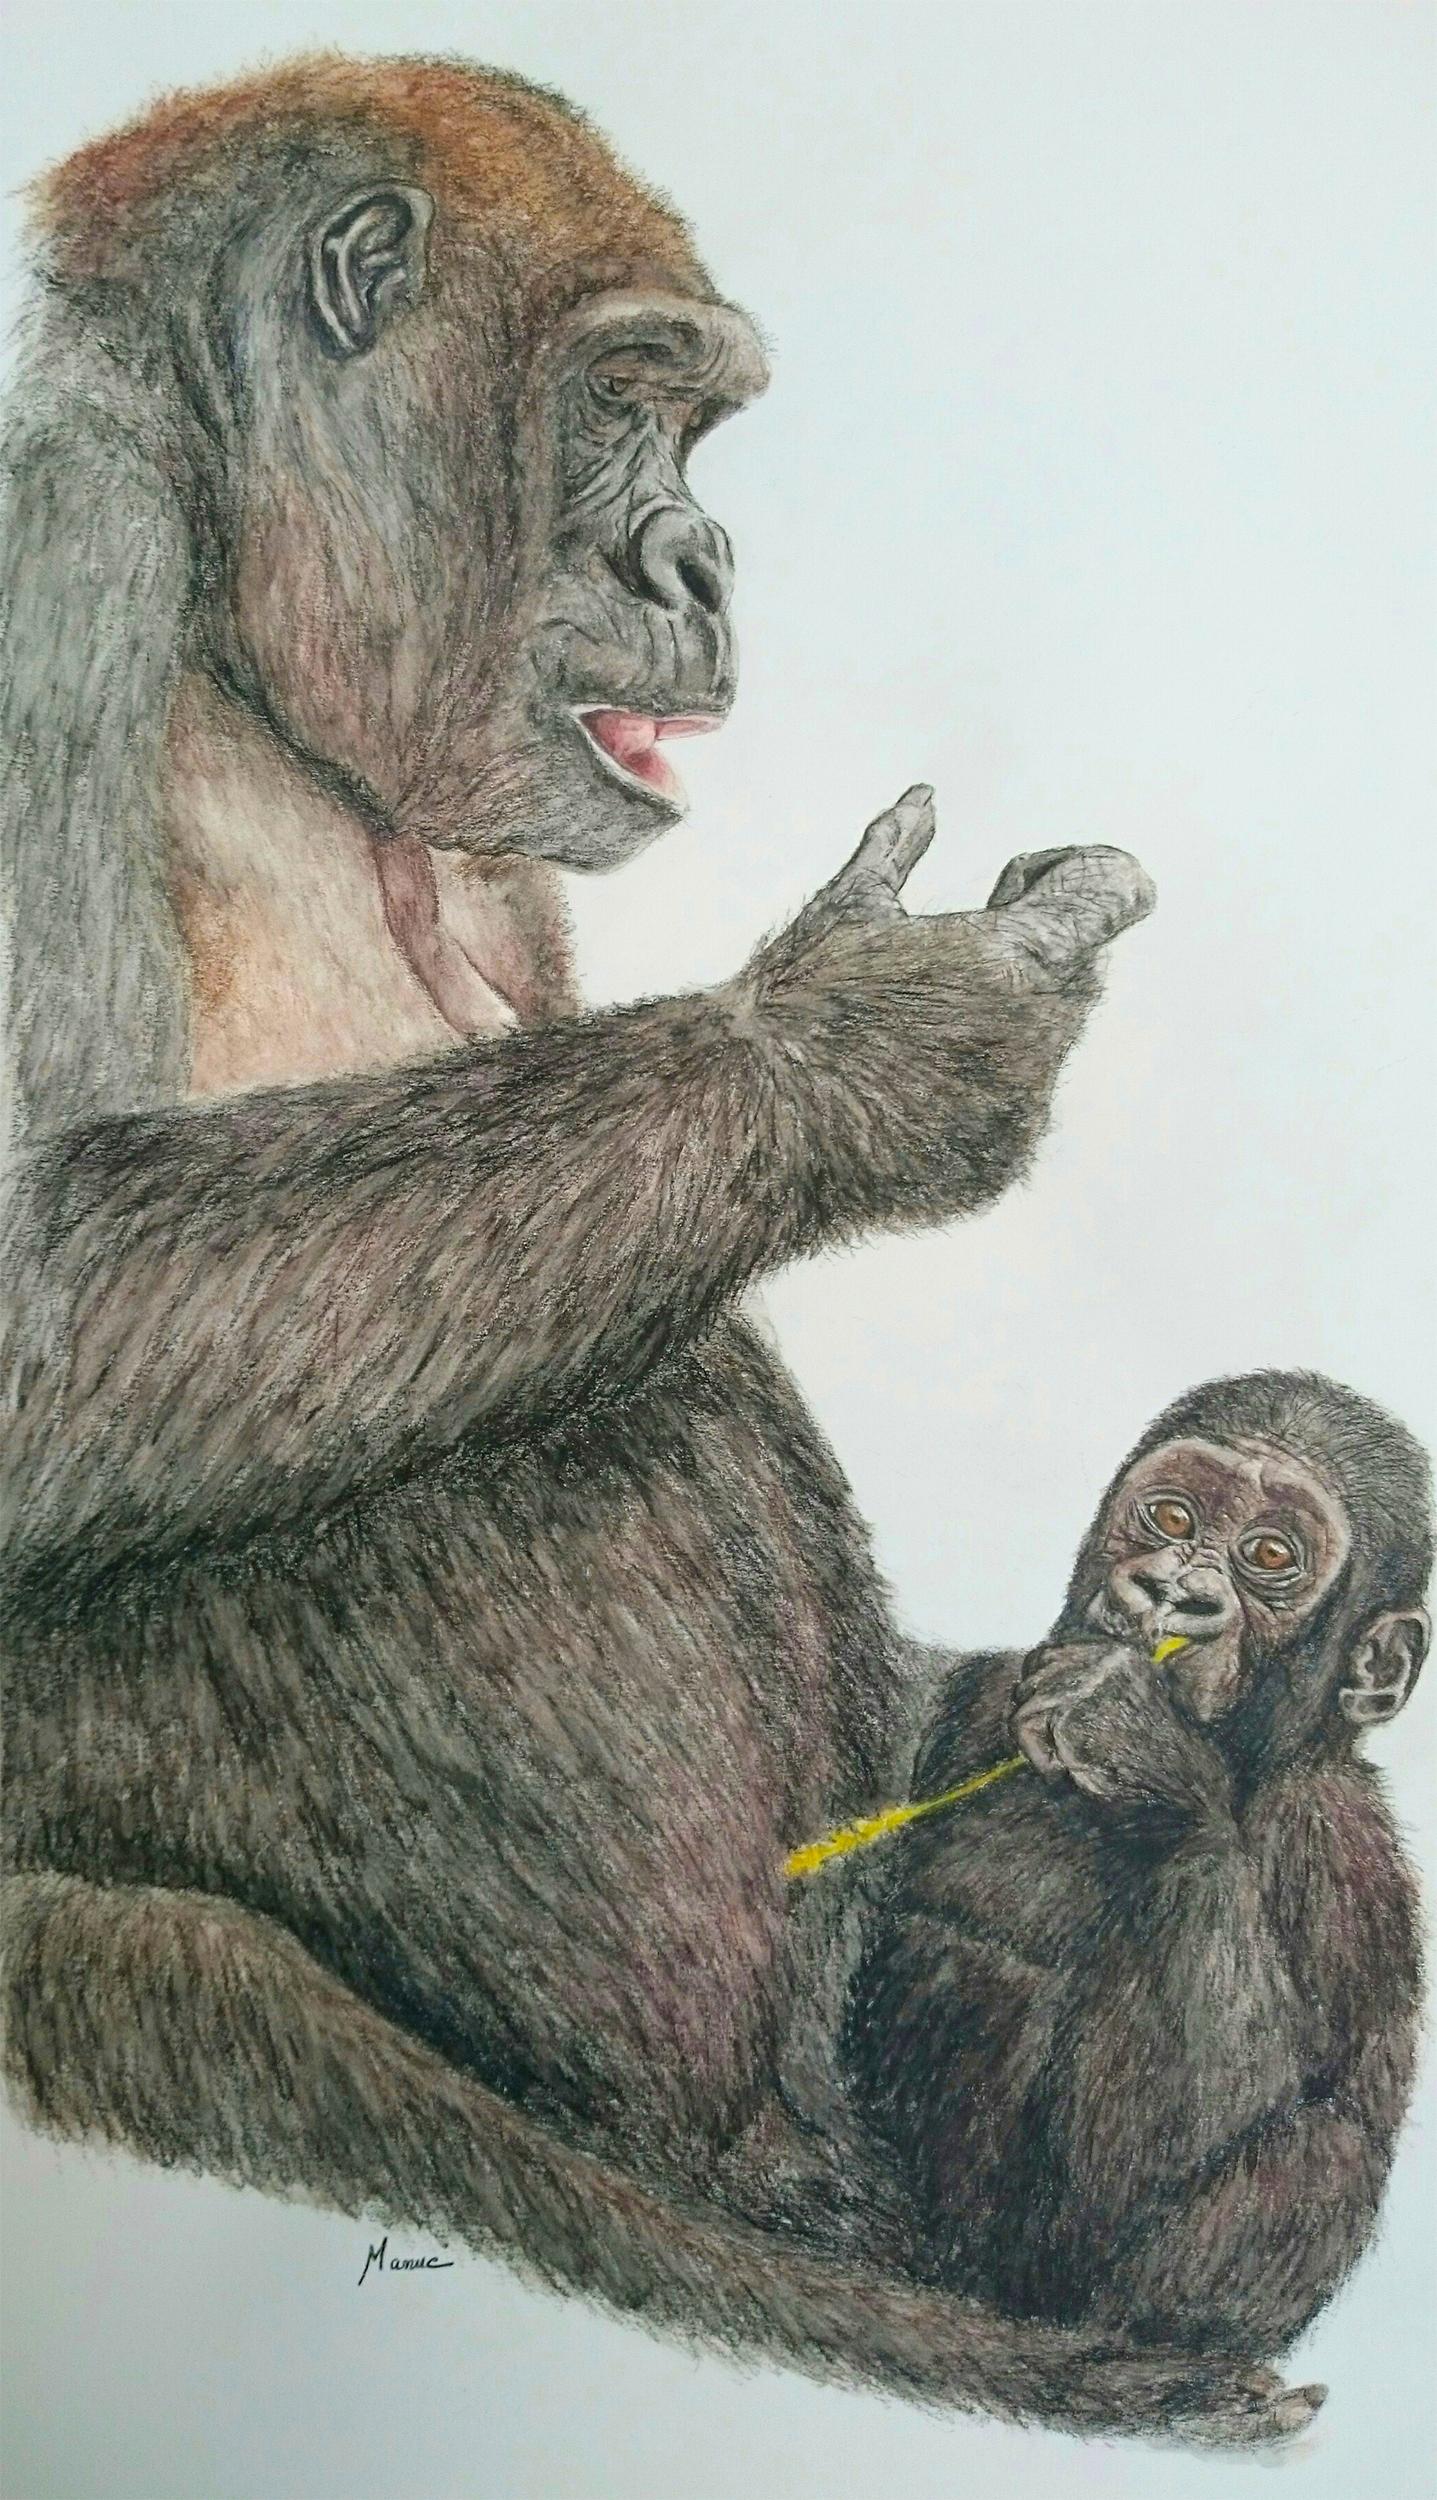 maman gorille et son bébé